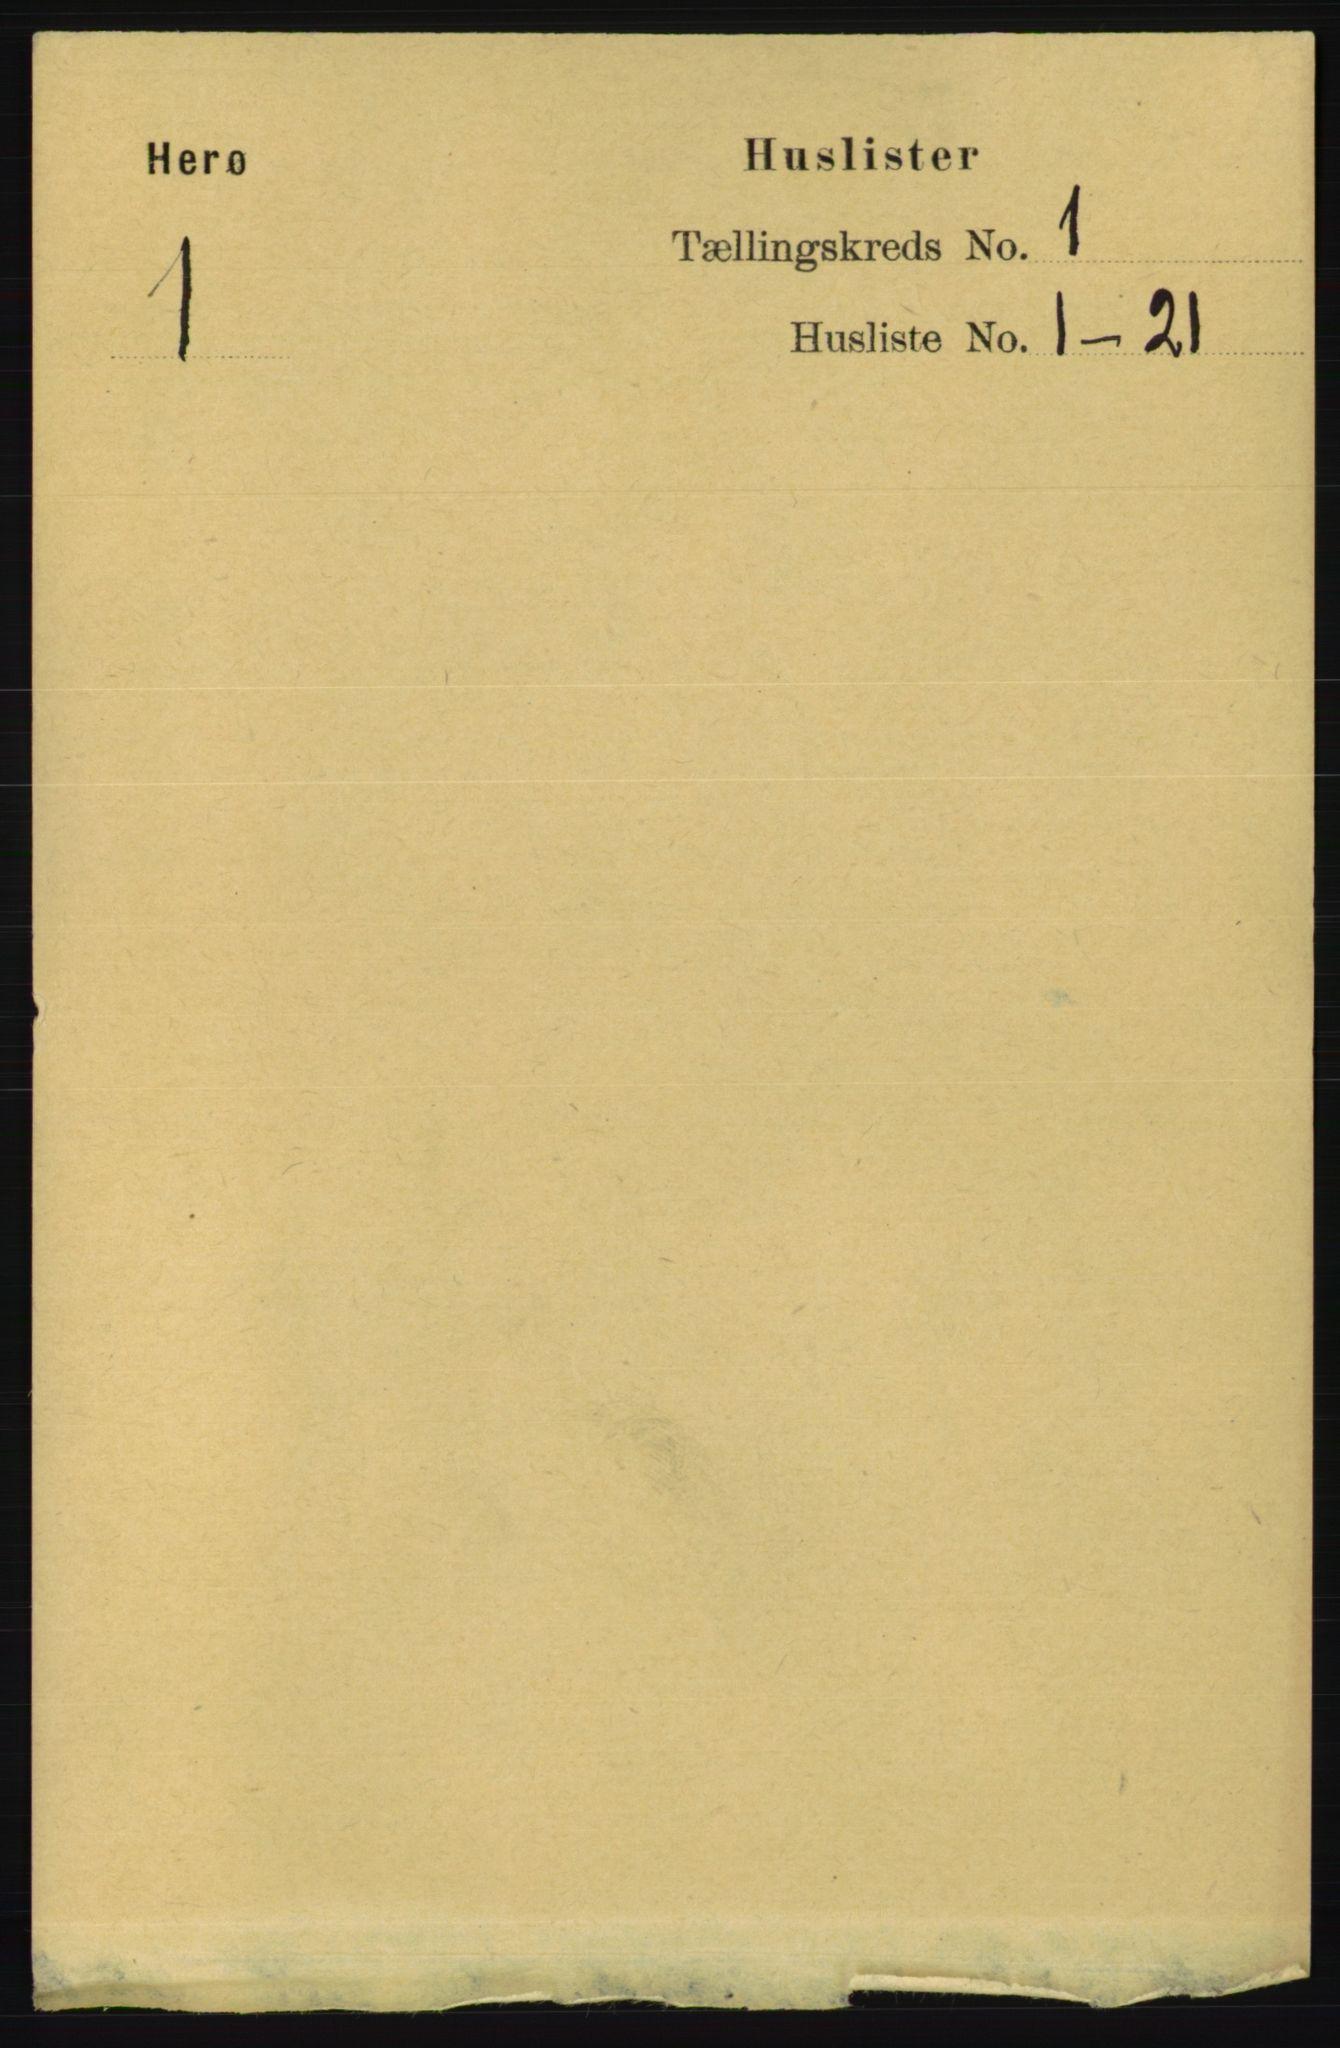 RA, Folketelling 1891 for 1818 Herøy herred, 1891, s. 30